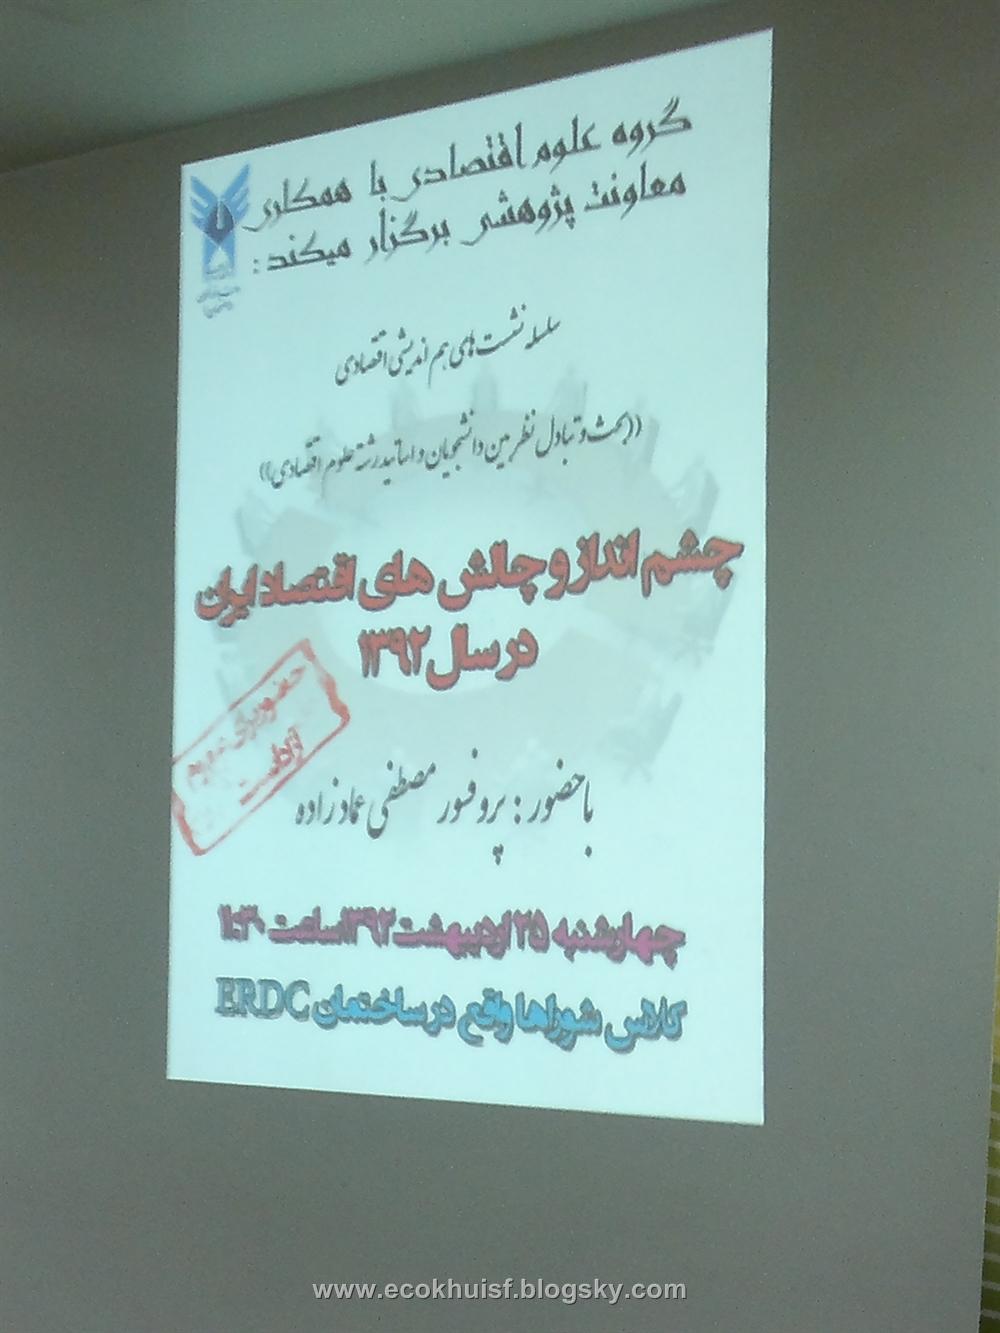 سلسله نشست های هم اندیشی اقتصادی 4 دانشگاه آزاد اسلامی واحد خوراسگان(اصفهان)